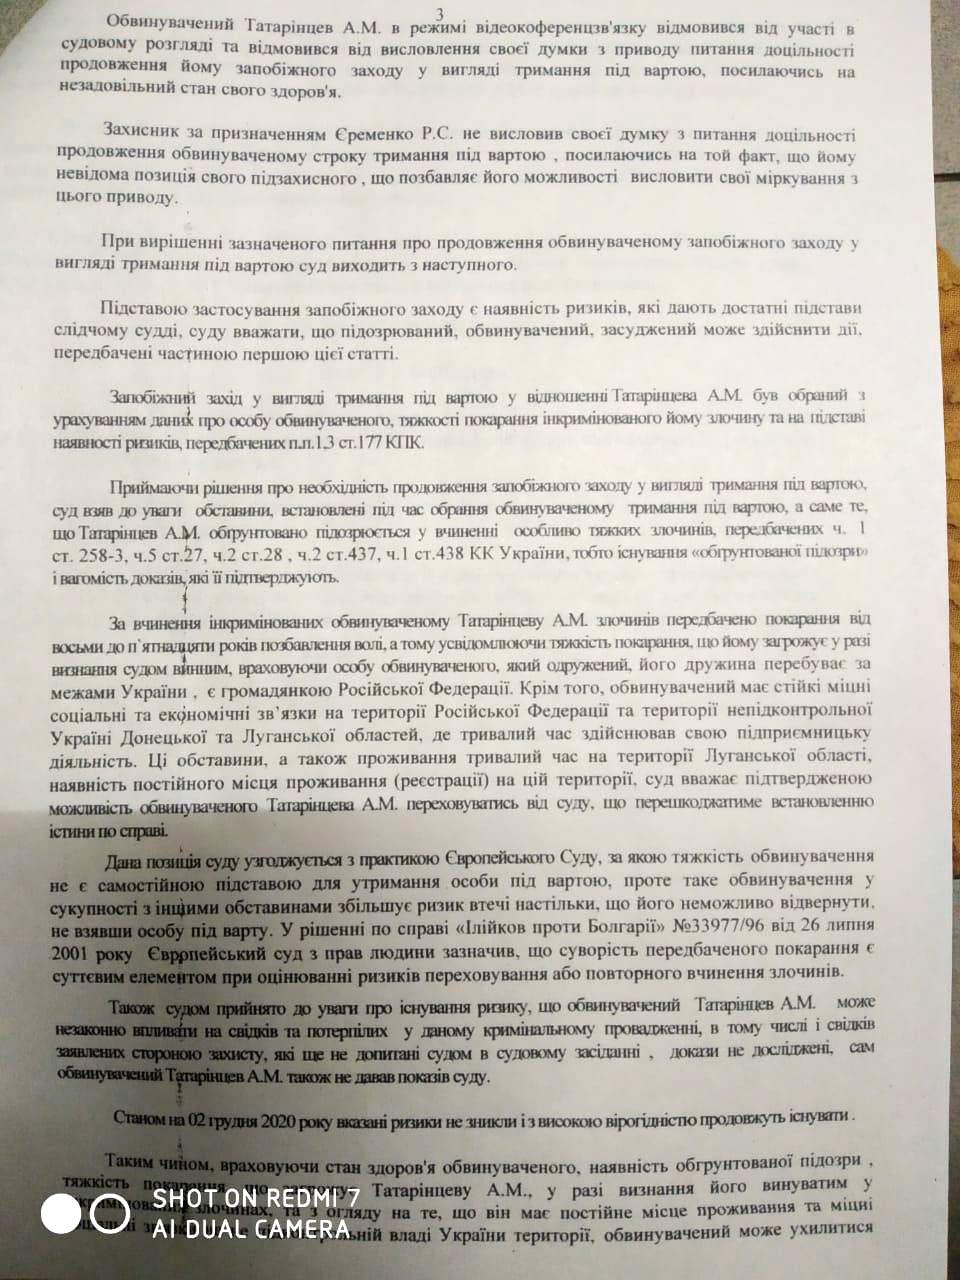 Дело политзаключенного Татаринцева. Как продлить арест без адвокатов и обвиняемого